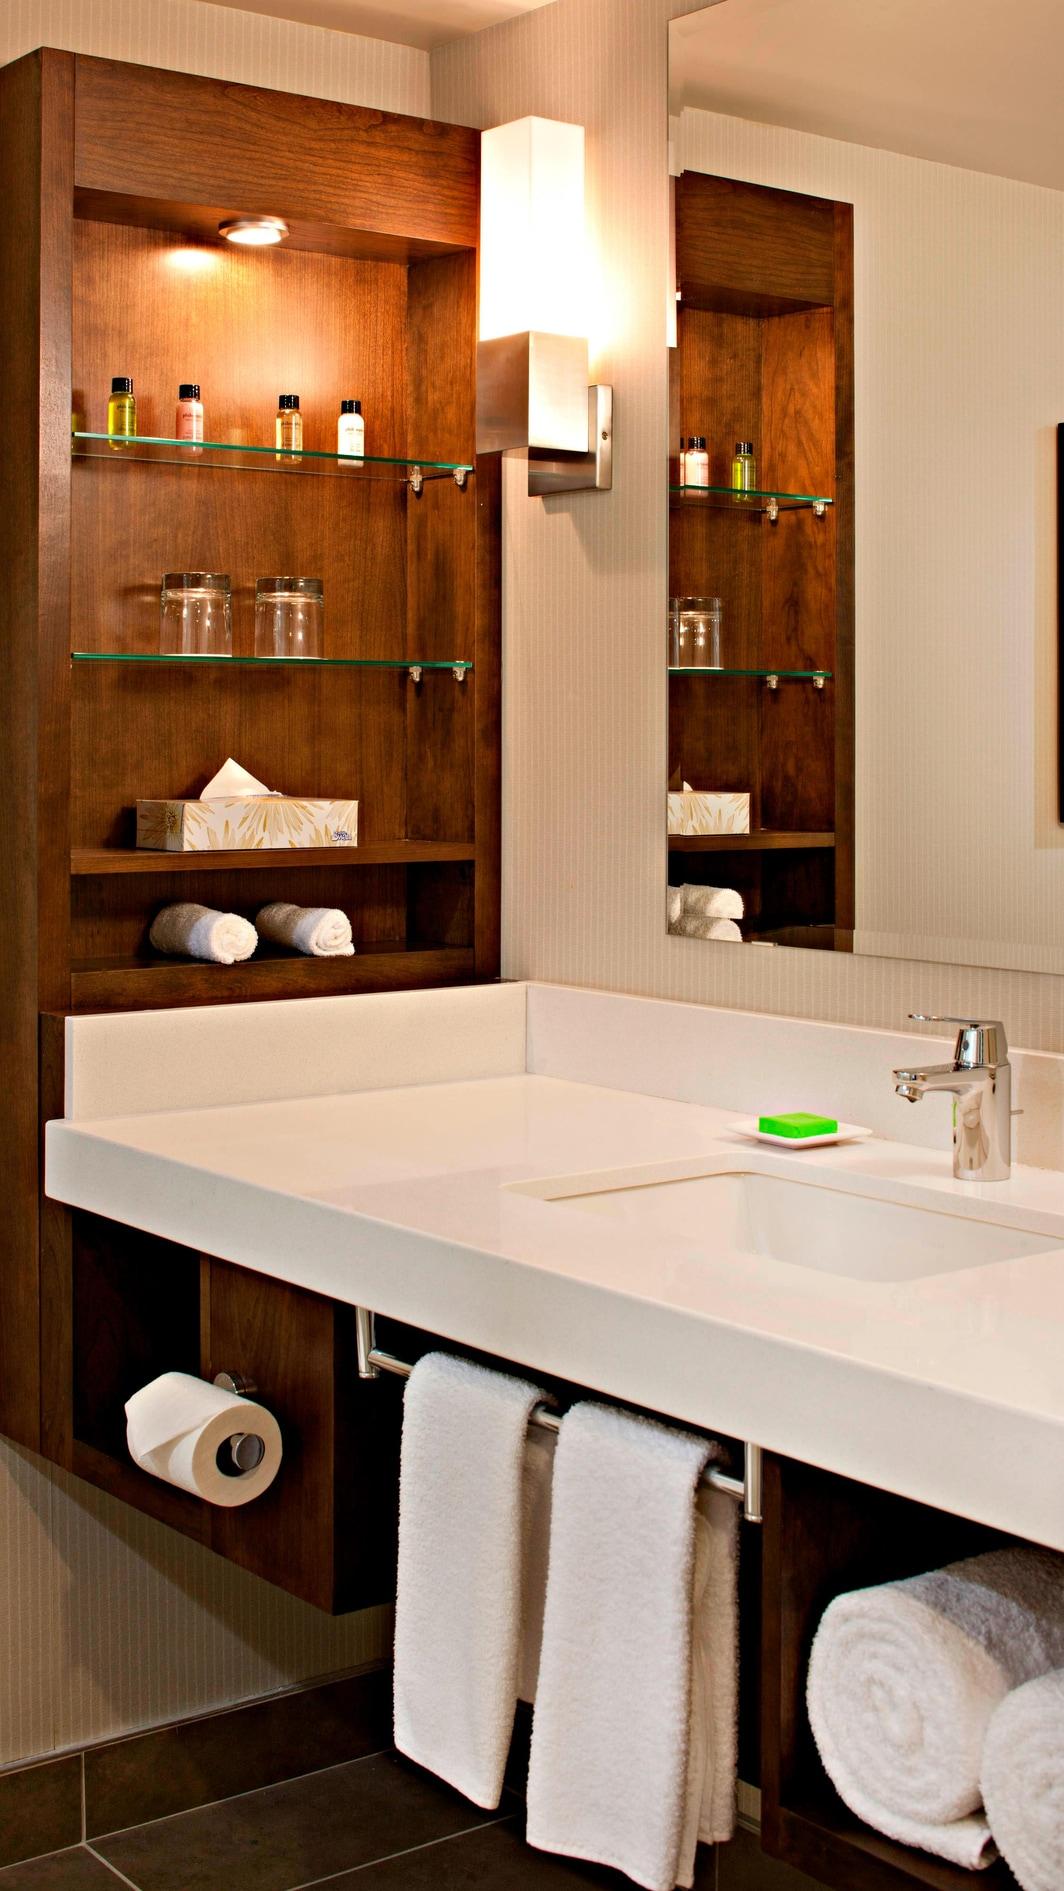 Deluxe Guest Bathroom Amenities